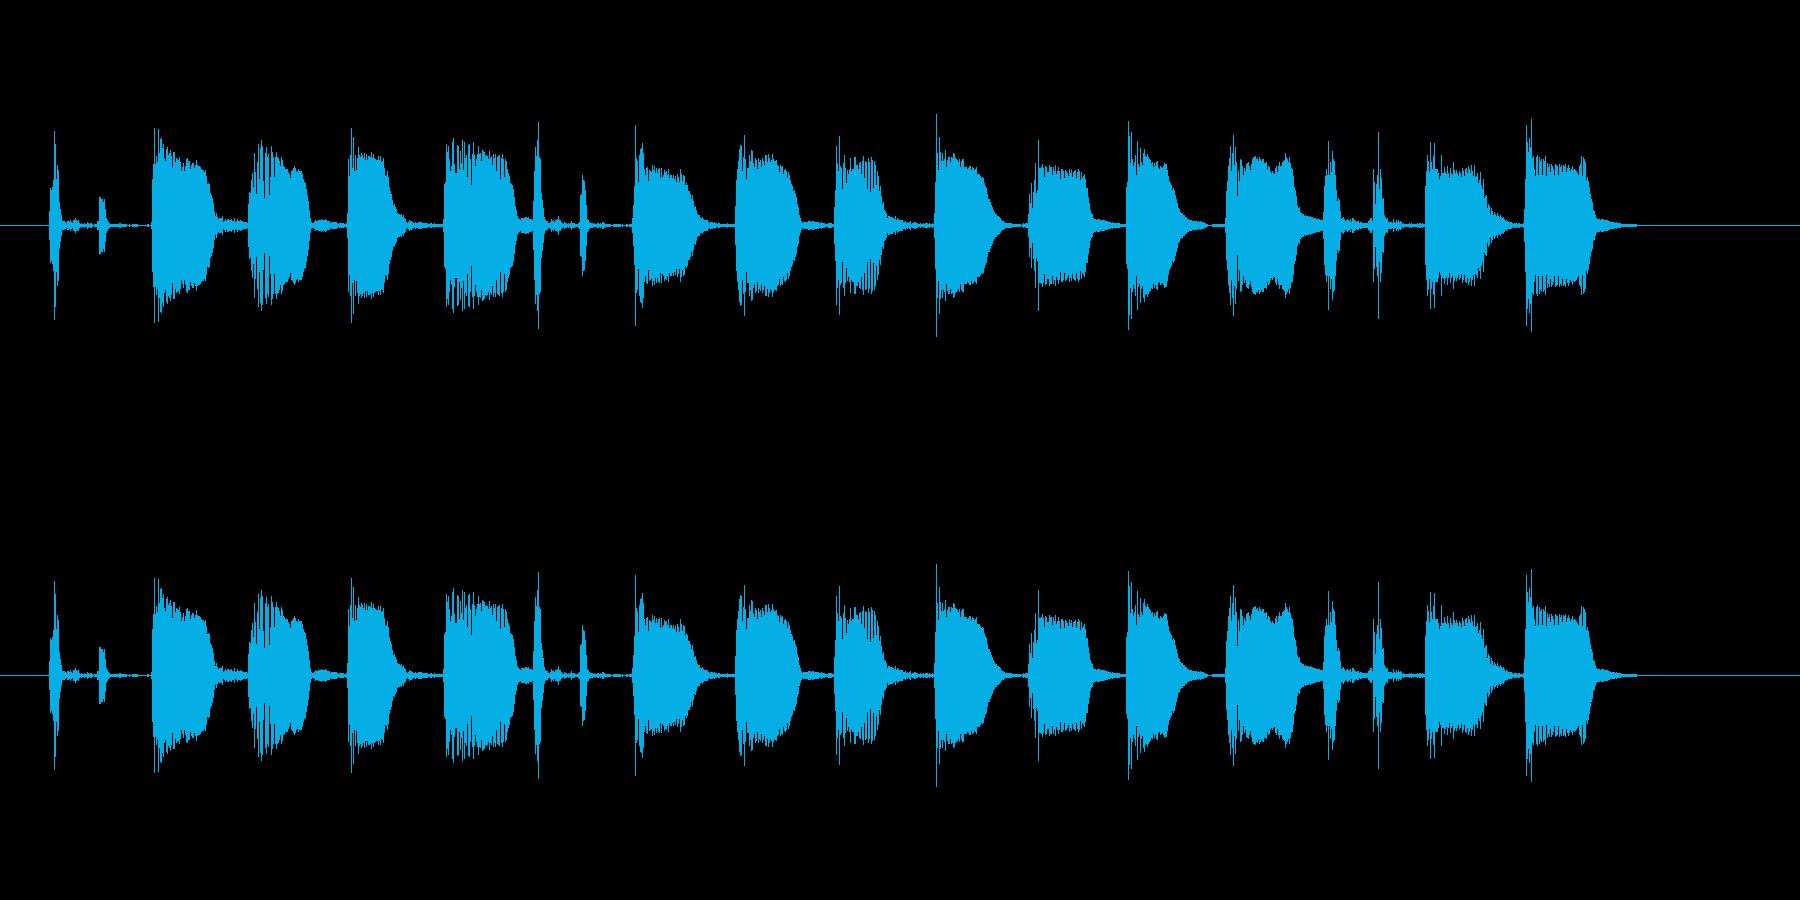 【エレキギター・リフ】ファンク風の再生済みの波形